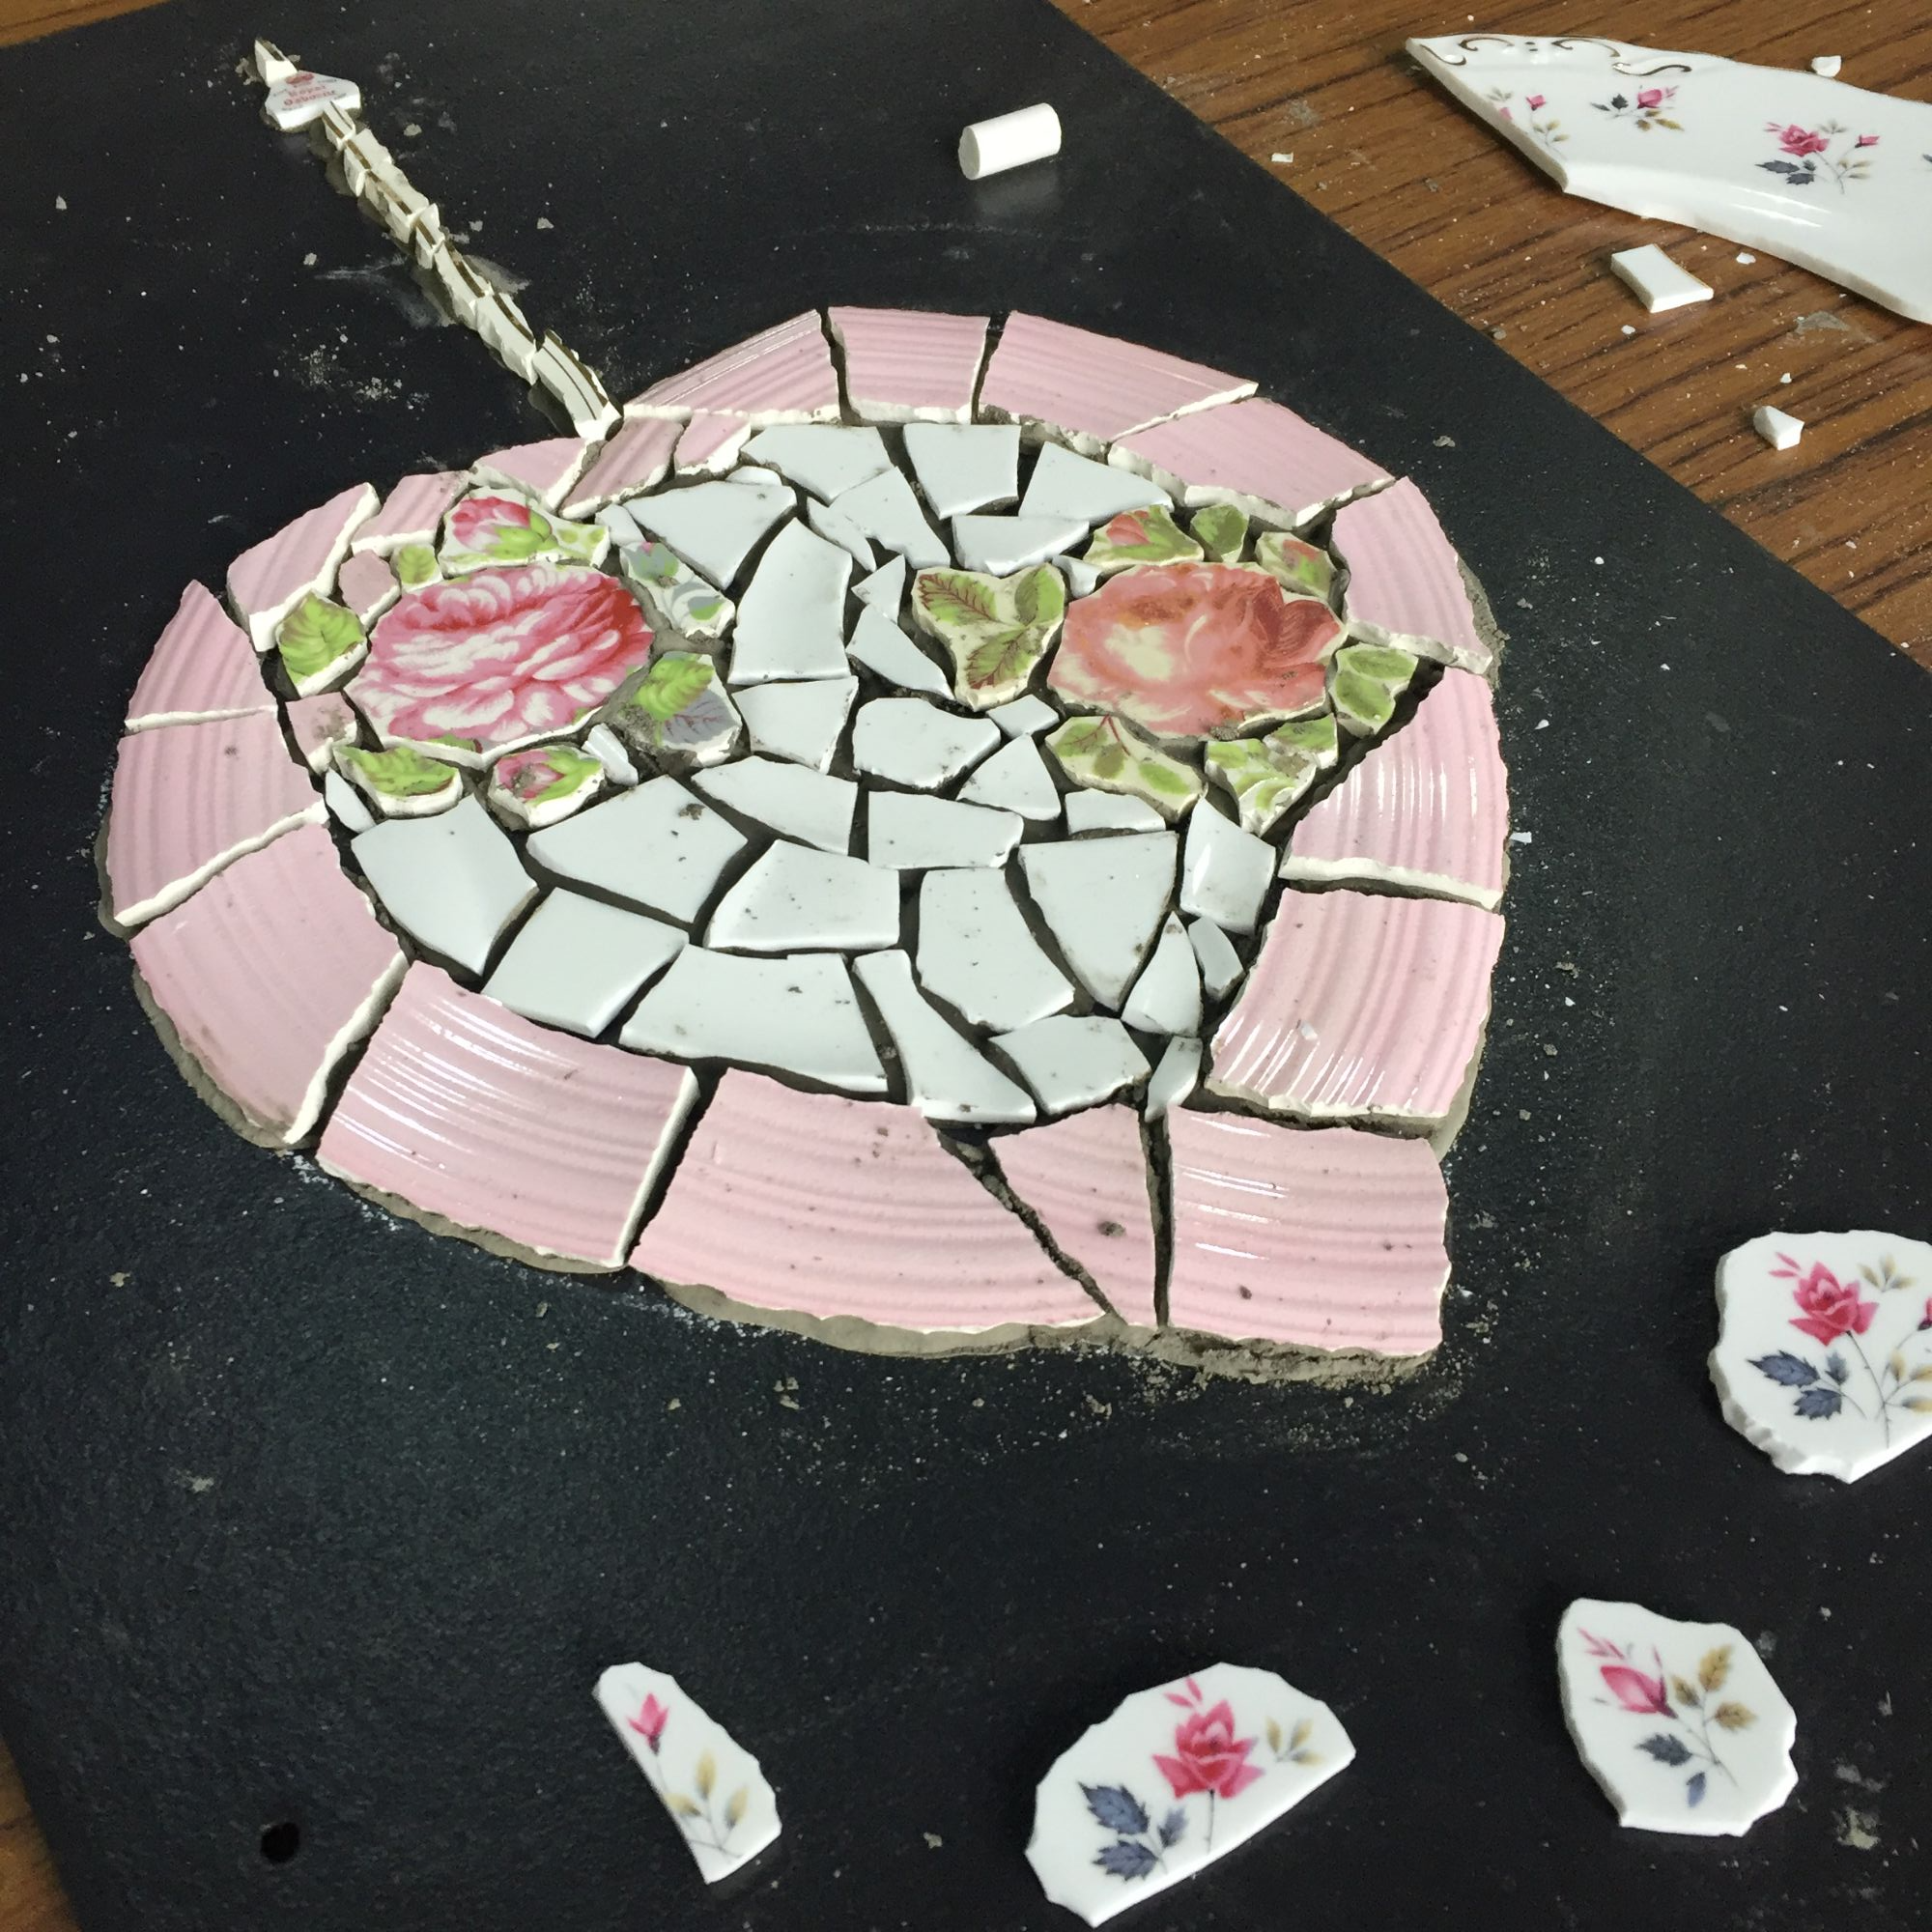 Crockery Mosaic Workshop - Flowers